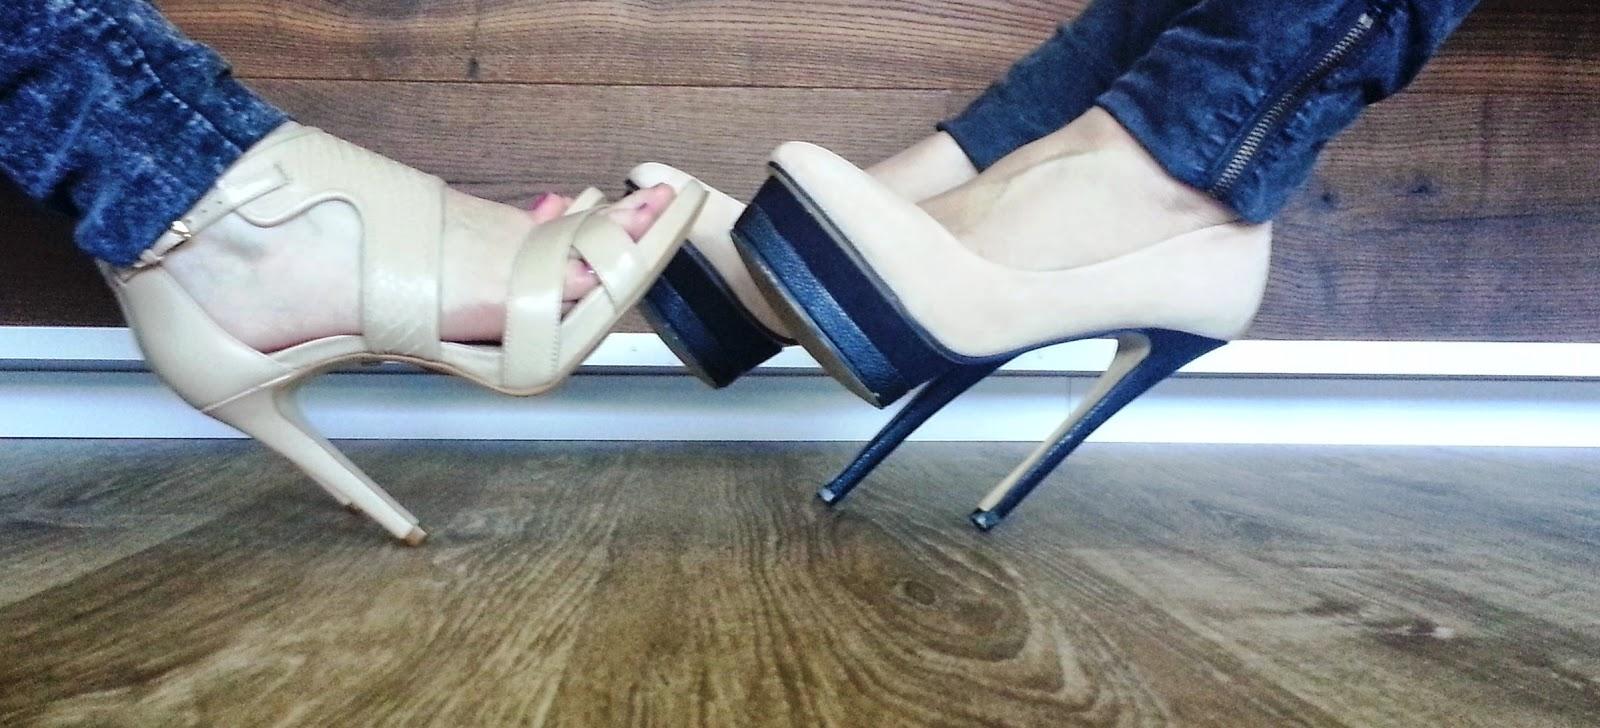 Super schöne High Heels auf Laminat